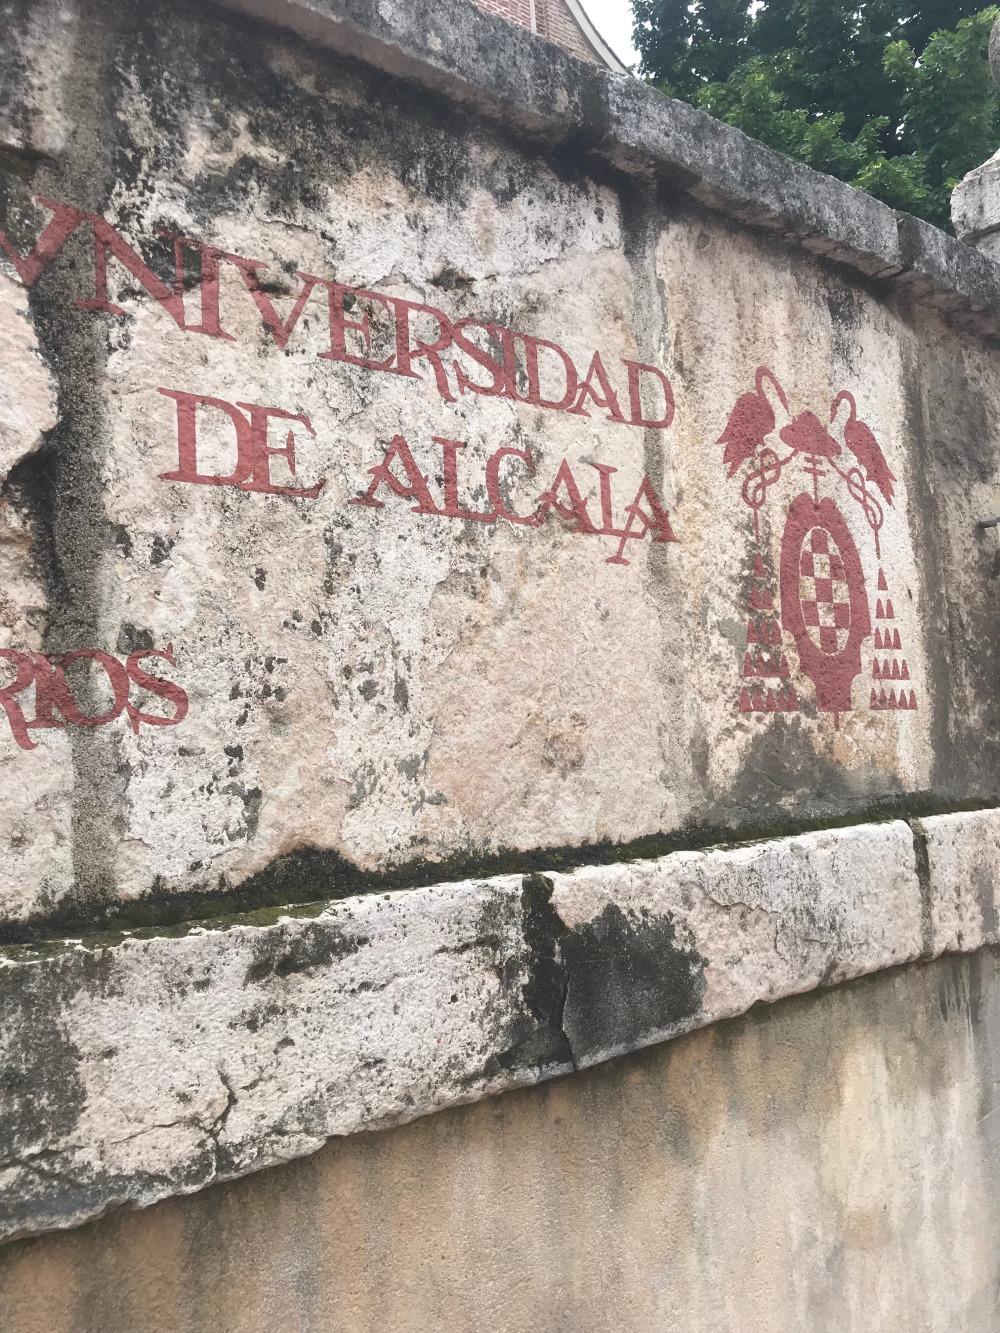 Universidad de Alcala sign